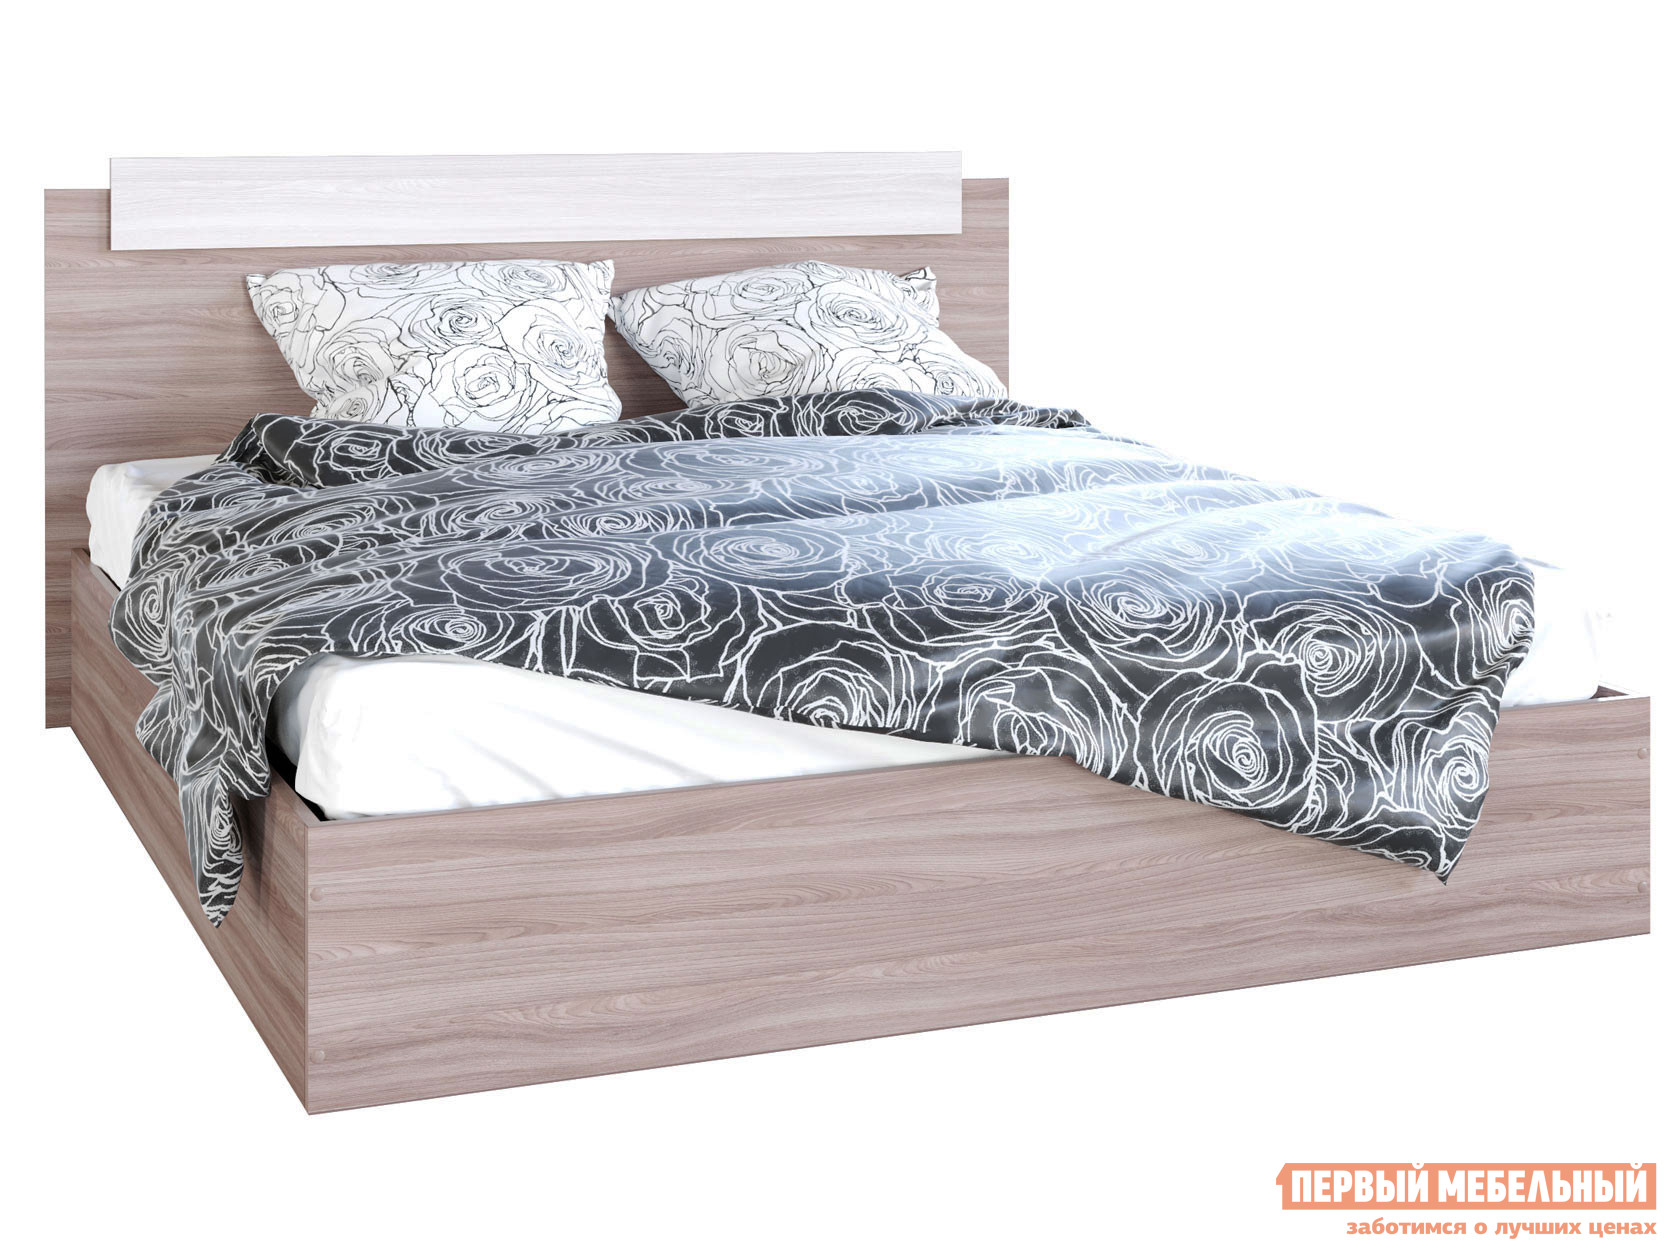 Двуспальная кровать  Кровать Эко Ясень шимо светлый / Ясень шимо темный, 1600 Х 2000 мм — Кровать Эко Ясень шимо светлый / Ясень шимо темный, 1600 Х 2000 мм